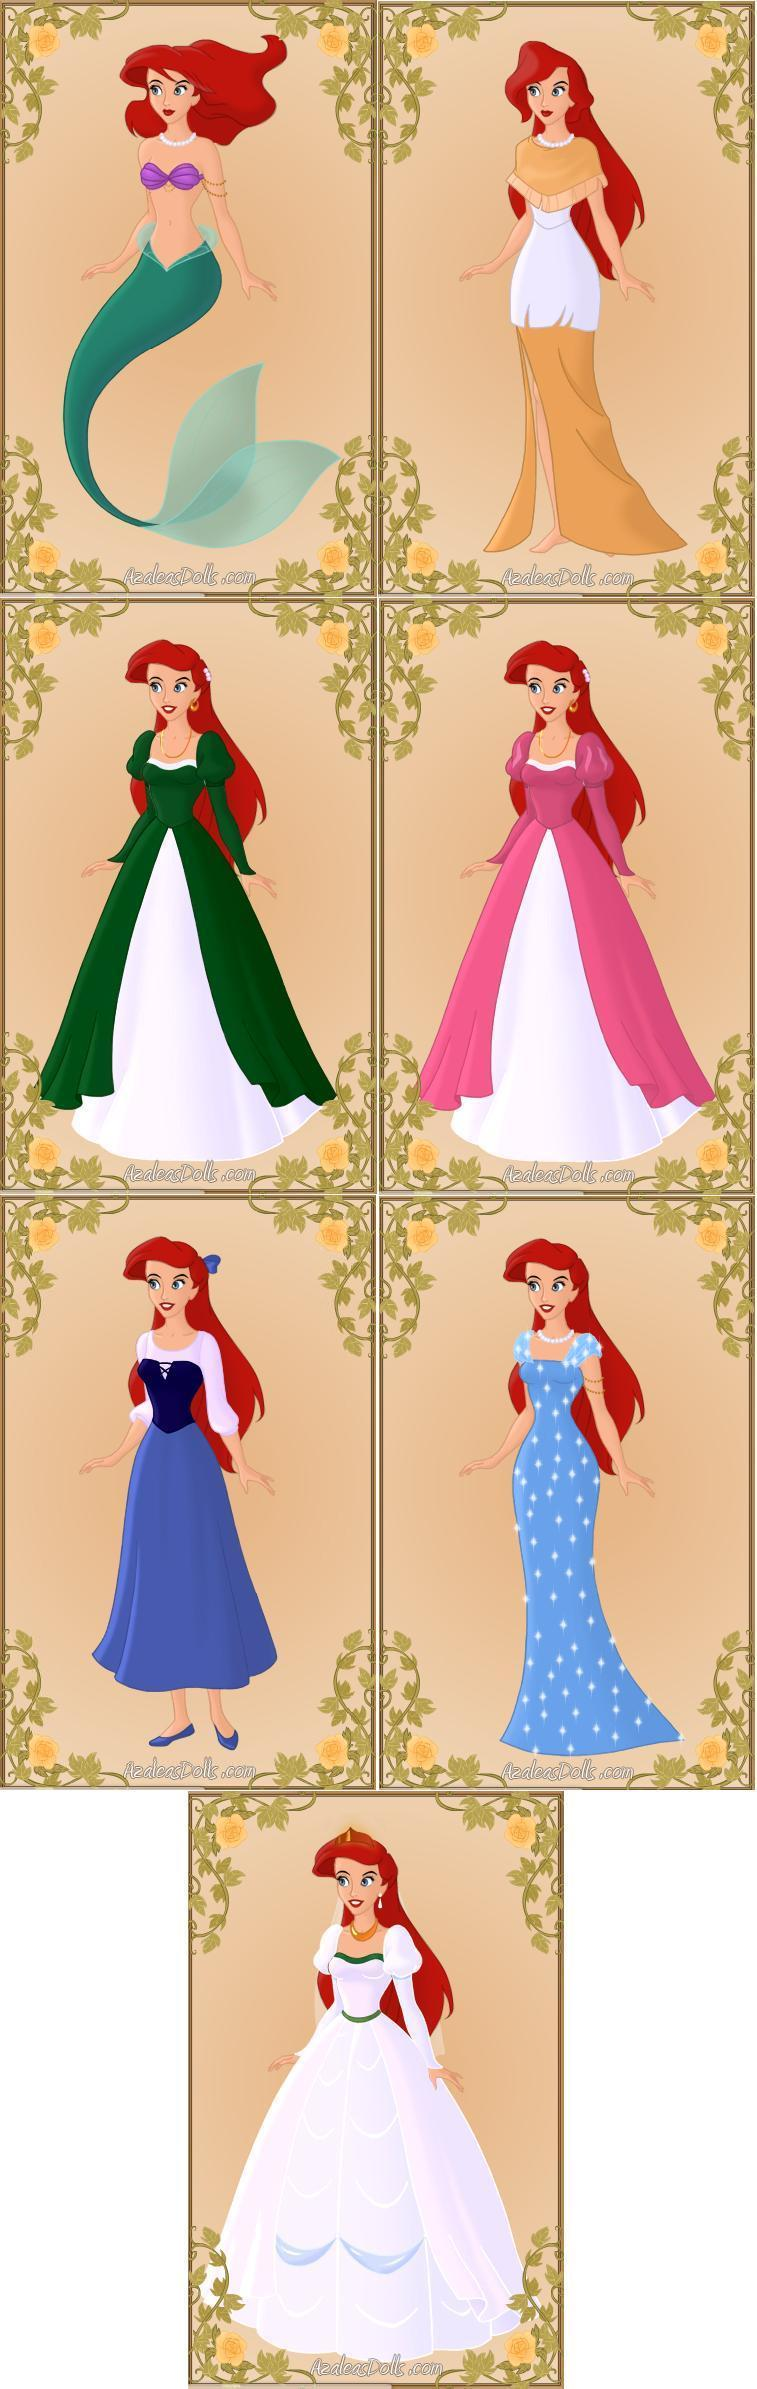 Princess Ariel Iii By Tffan234 On Deviantart